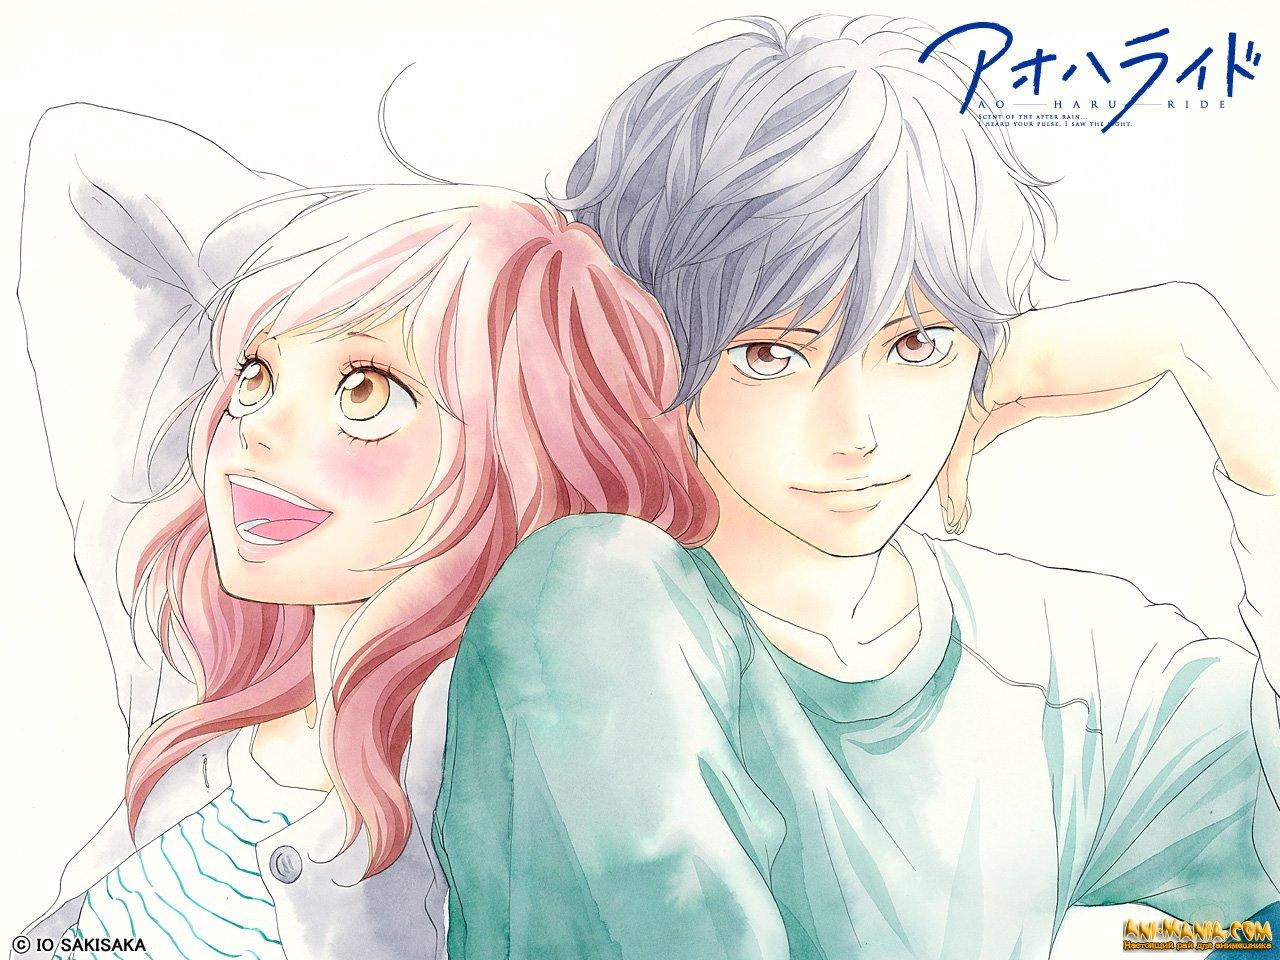 Аниме-адаптация манги «Ao Haru Ride»